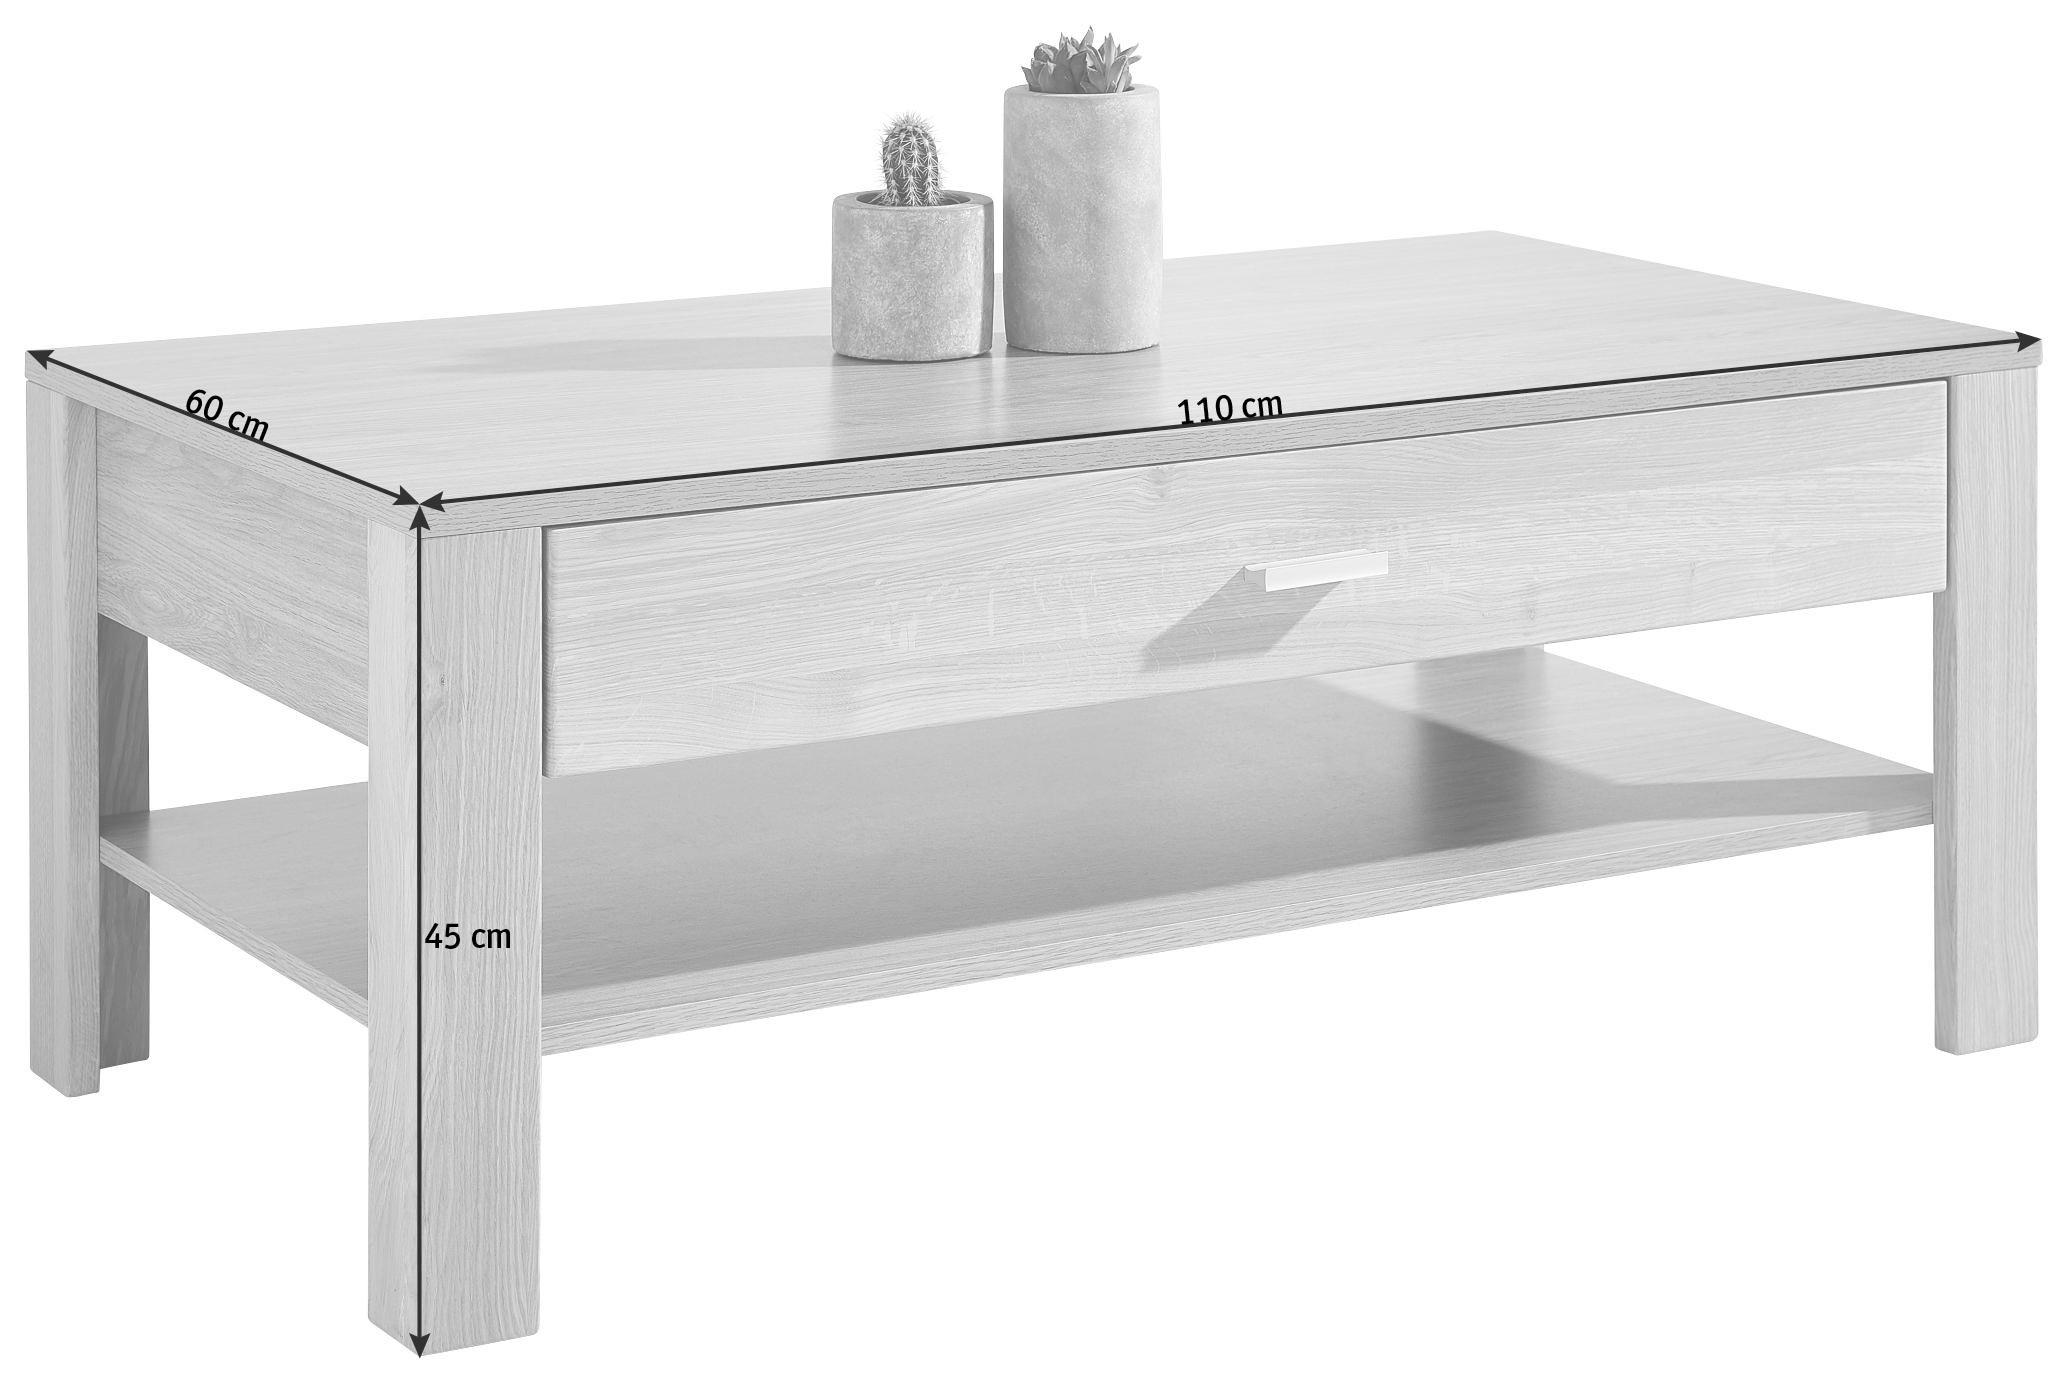 COUCHTISCH in 110/45/60 cm Eichefarben - Eichefarben, Design, Holz/Holzwerkstoff (110/45/60cm) - CARRYHOME